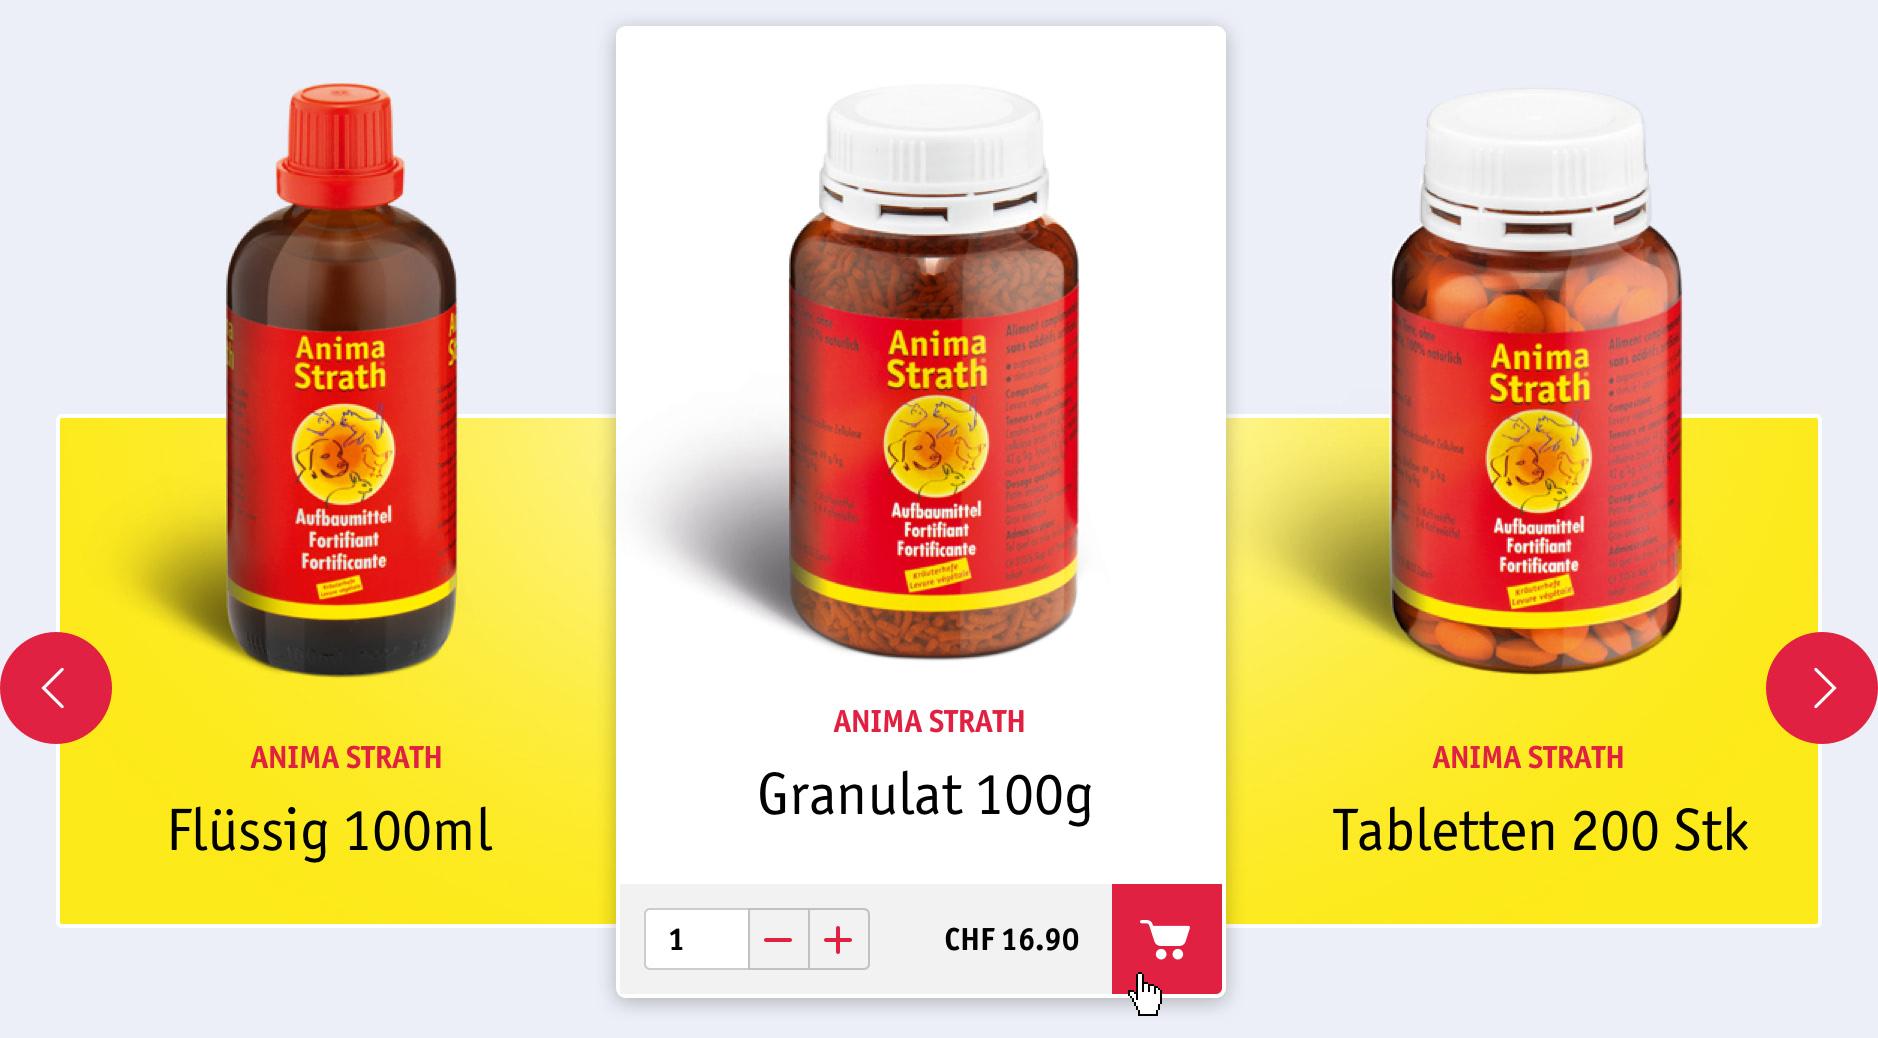 Anima-Strath E-Commerce